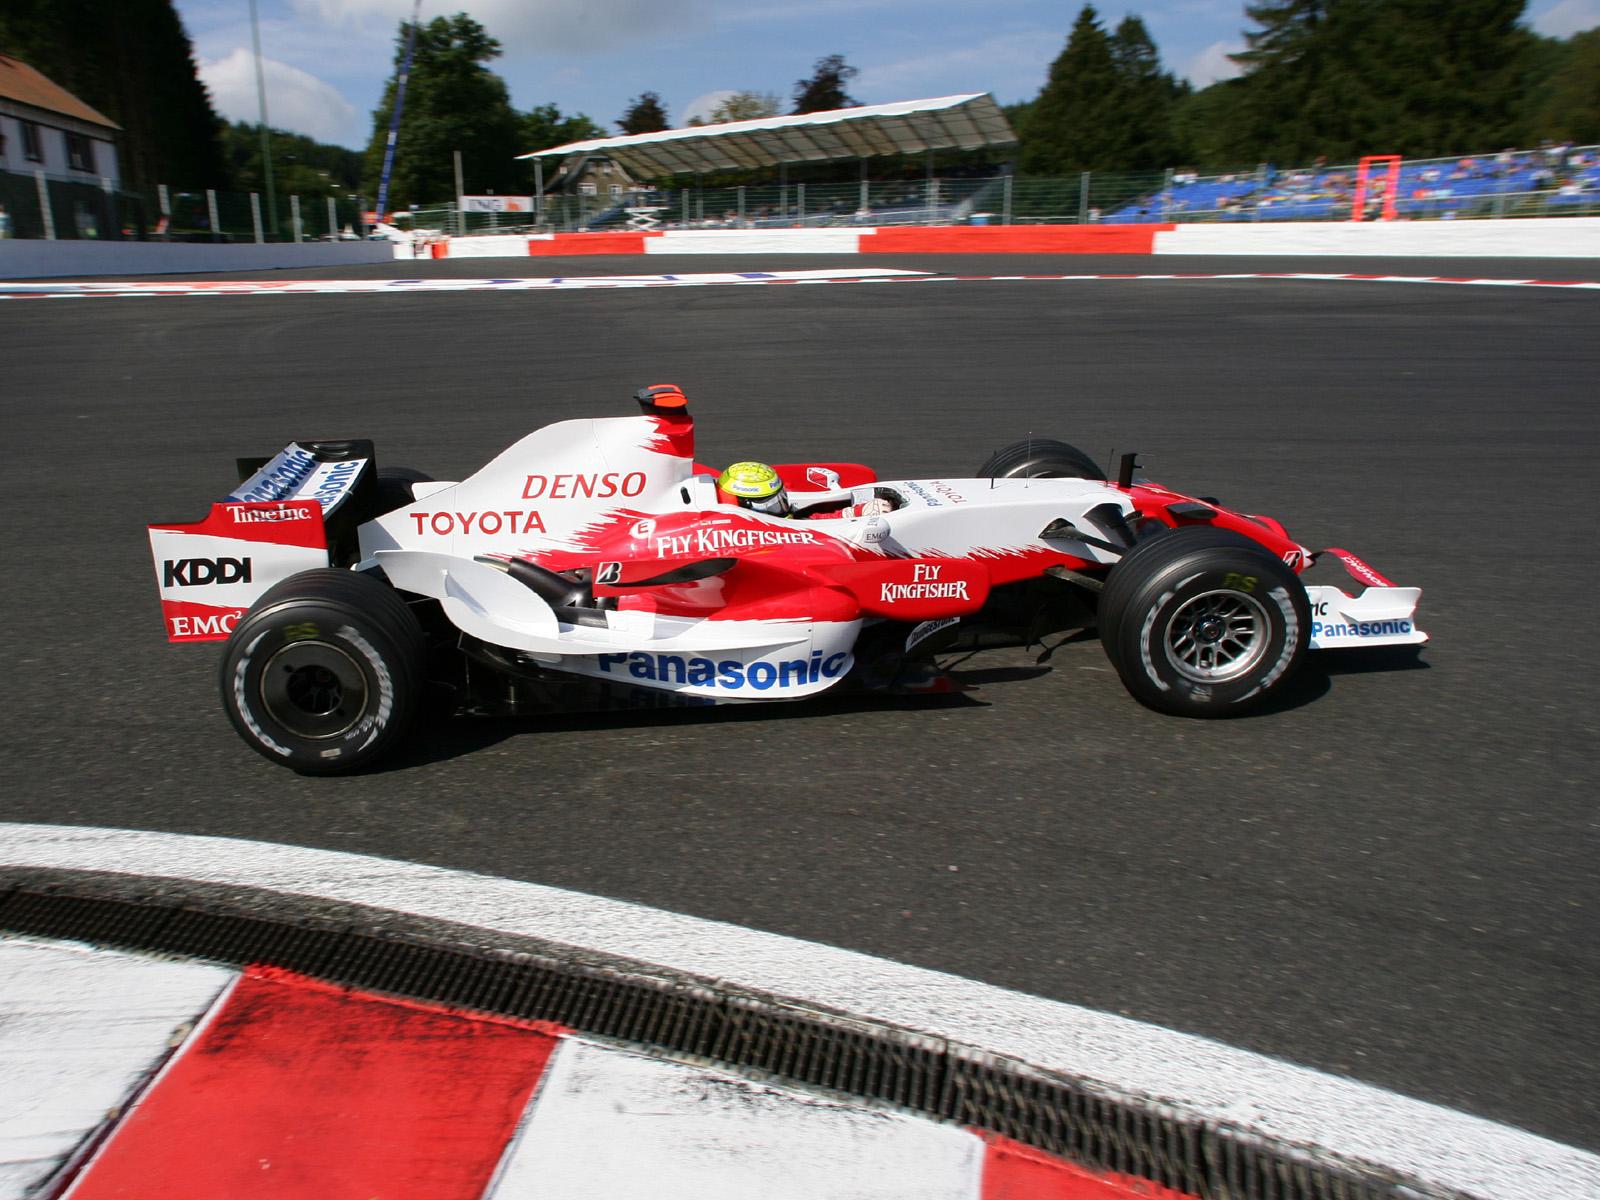 Toyota F1, equipe histórica de Formula 1 de 2007 - by wallpaperup.com